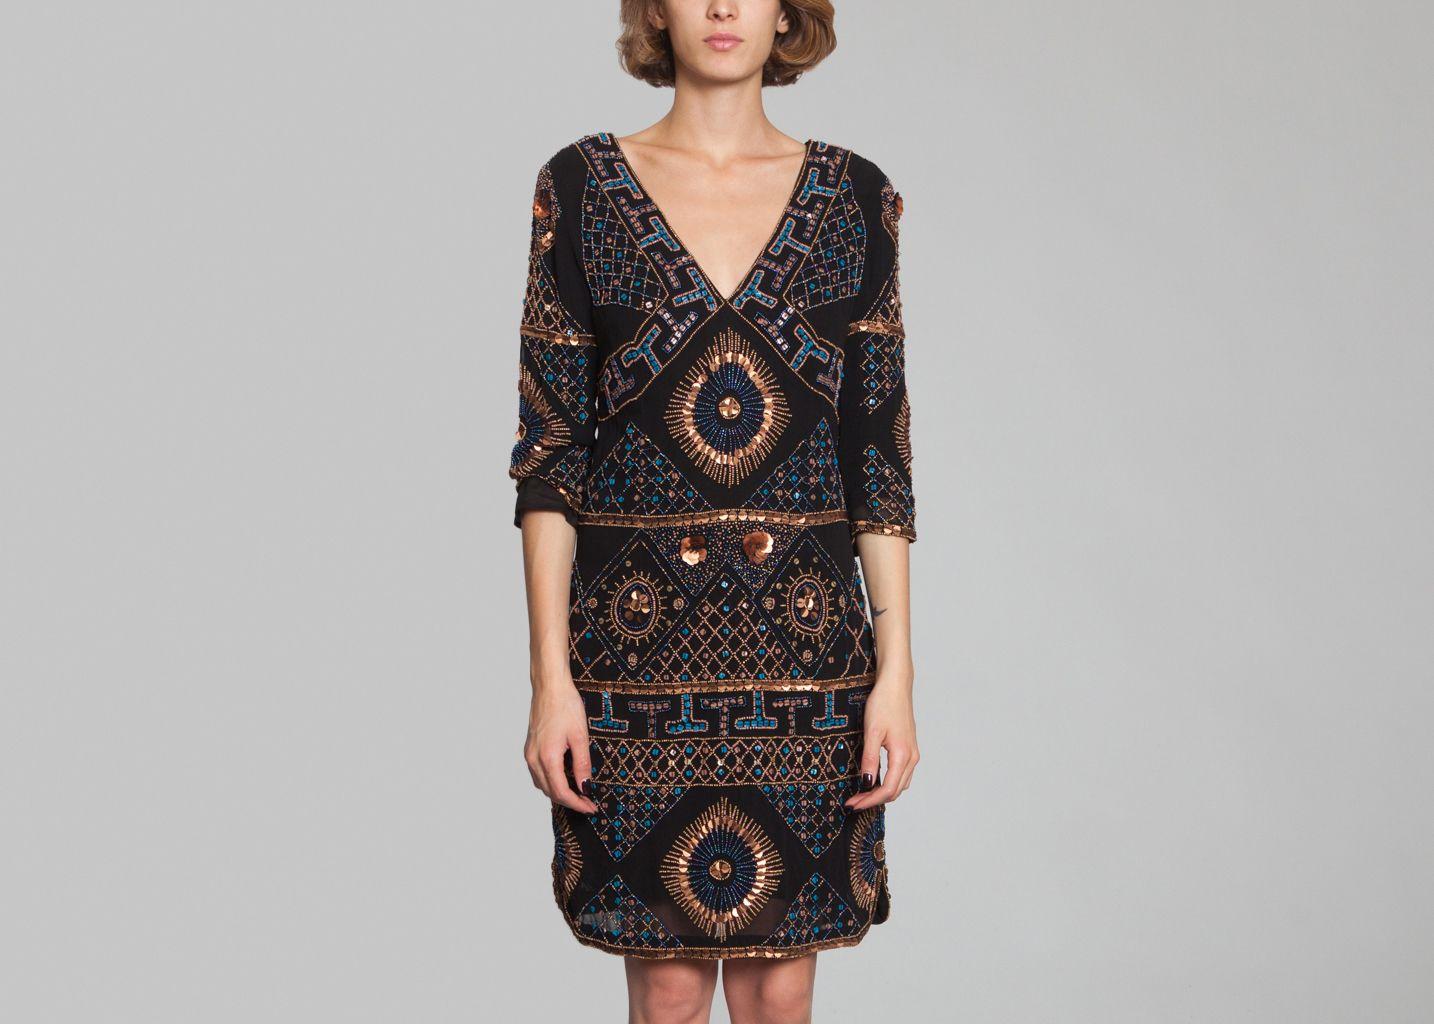 robe imala antik batik noir l39exception With robe antik batik